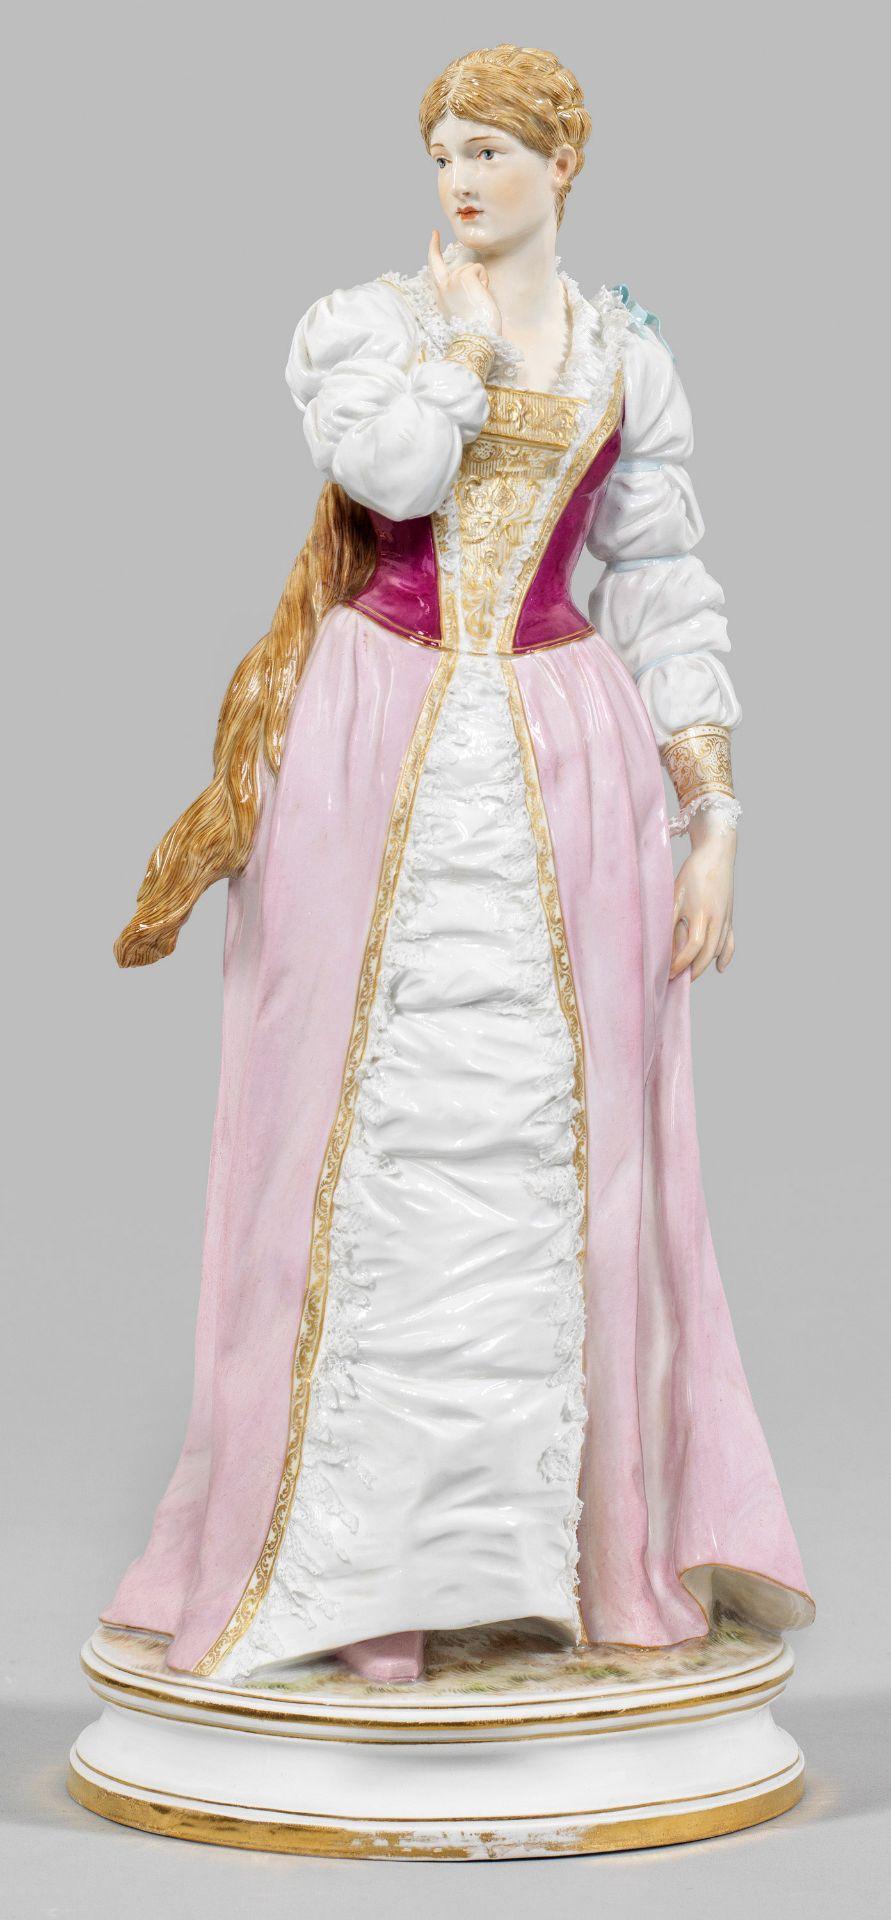 Seltene Figur einer Dame im Kostüm